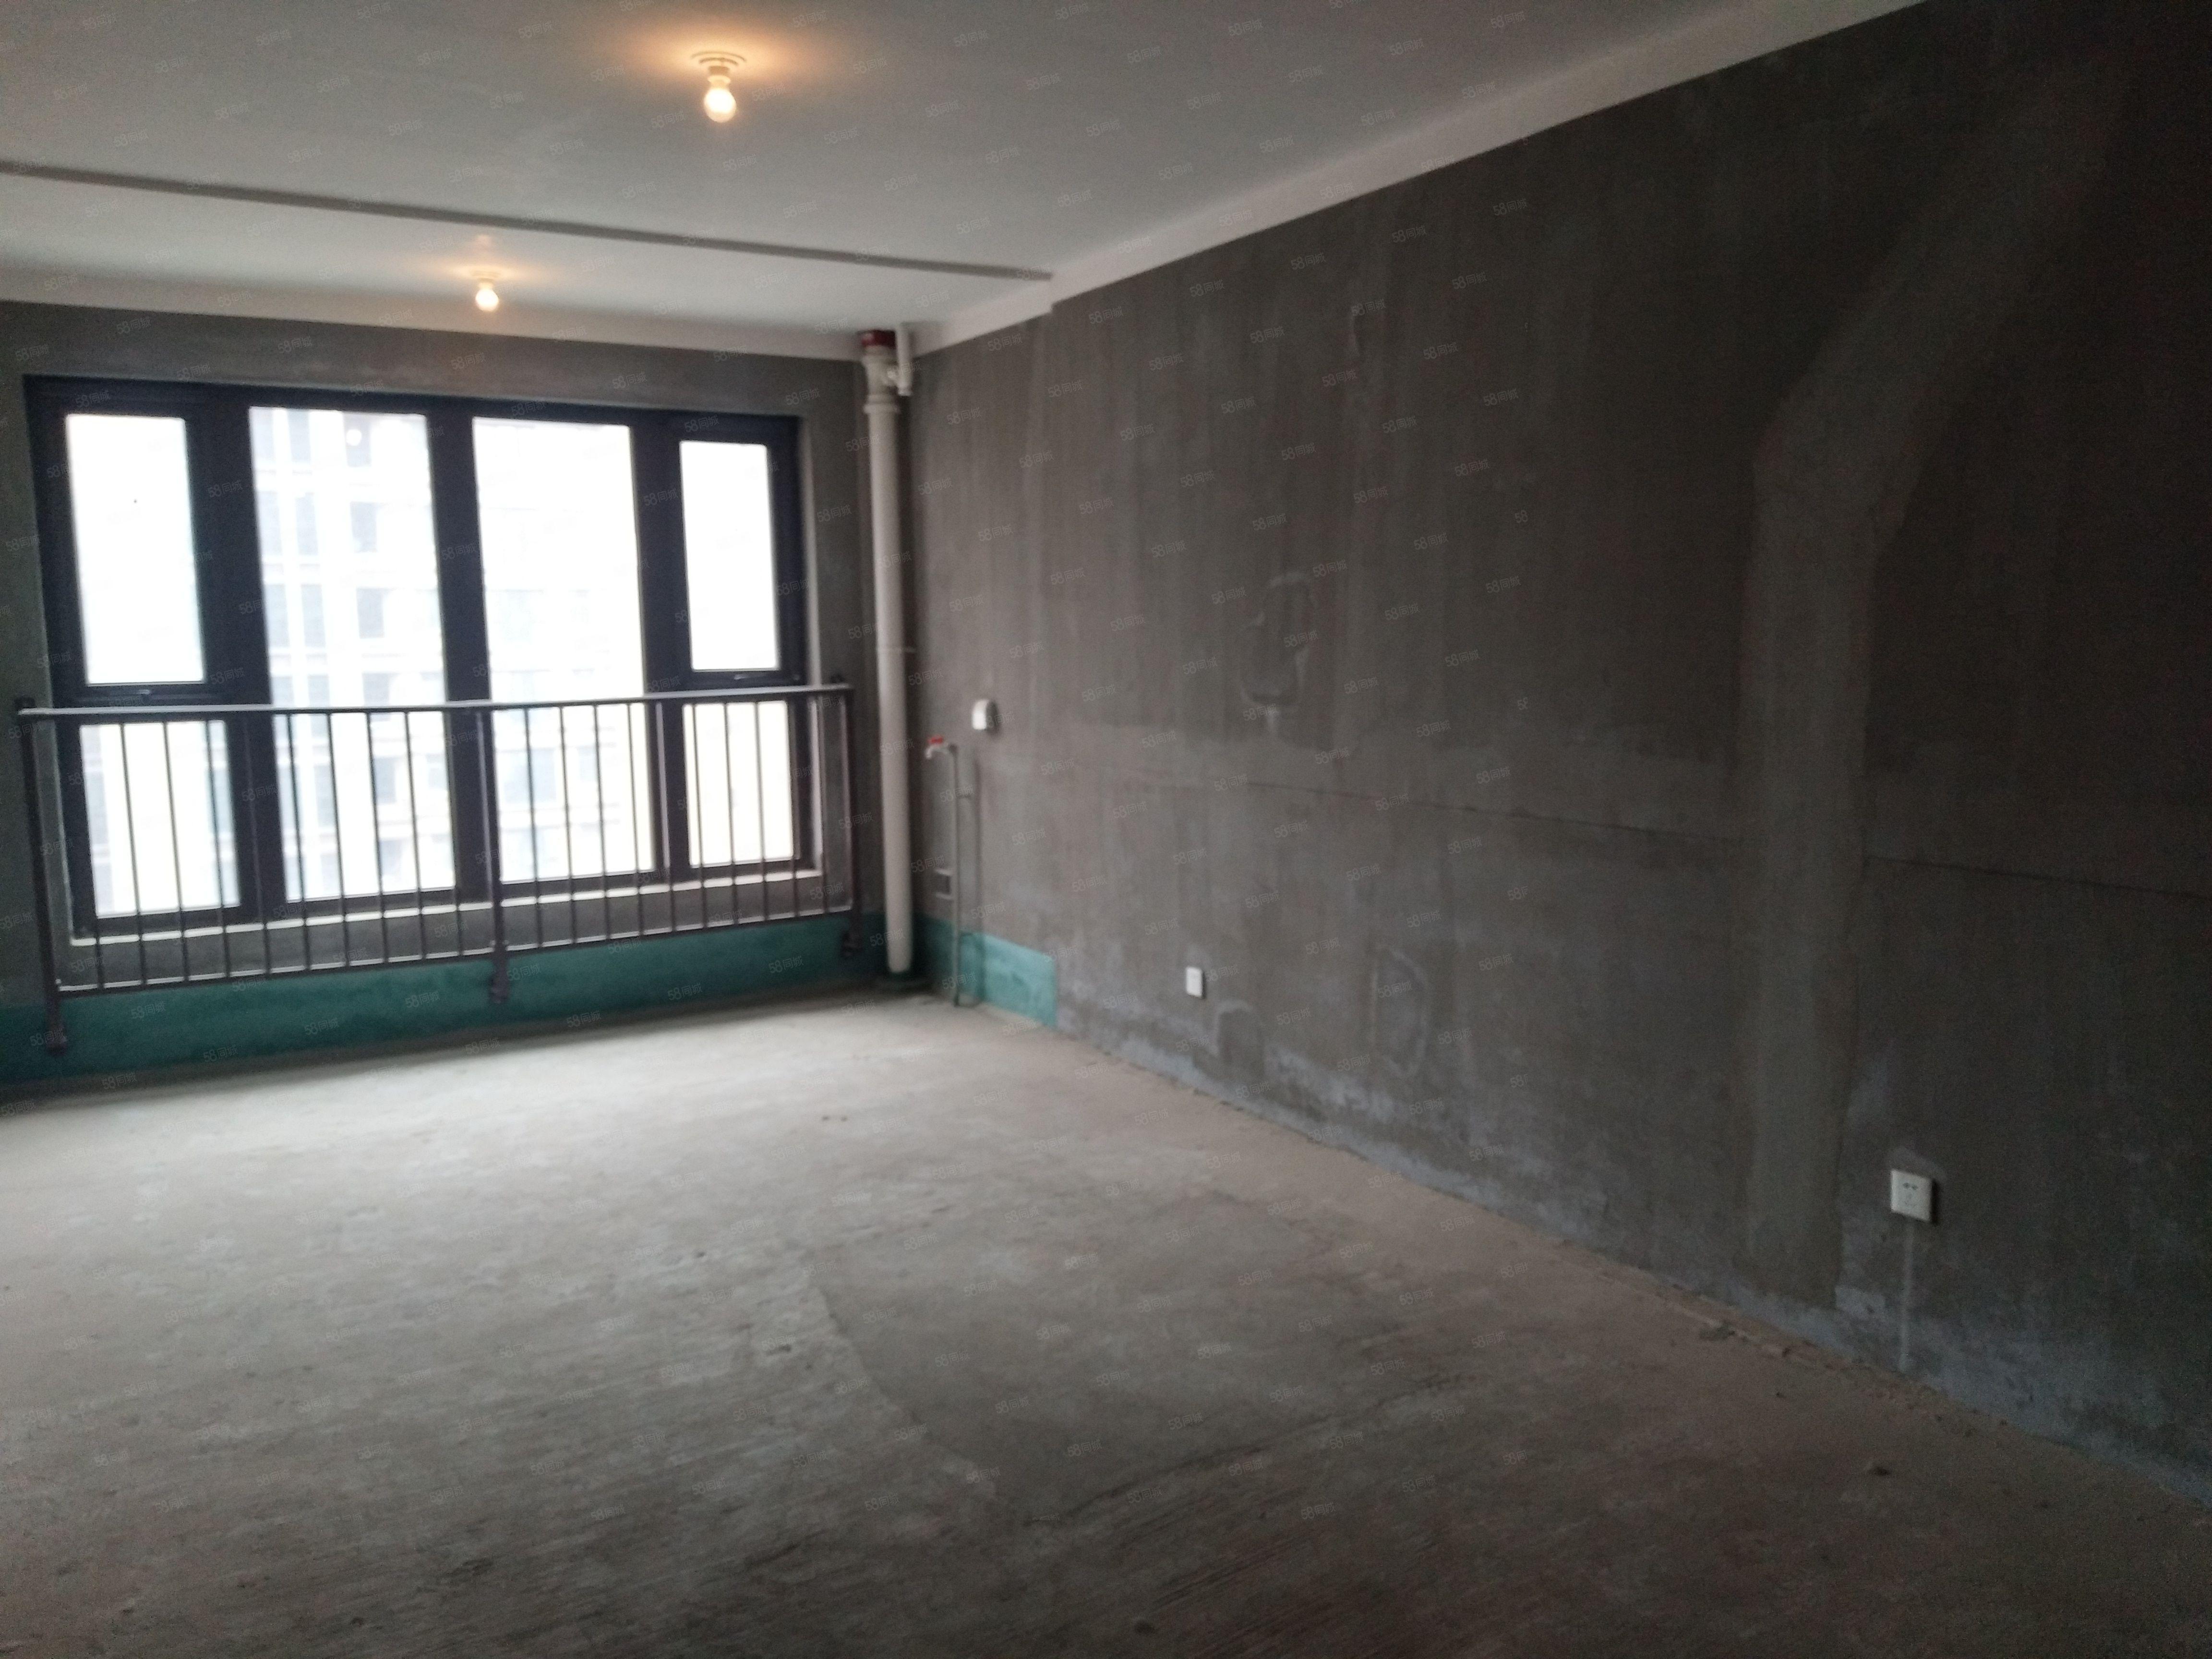 稅滿有本!亞星雅居朝南三室,小區中心,好樓層雙氣,誠售保真